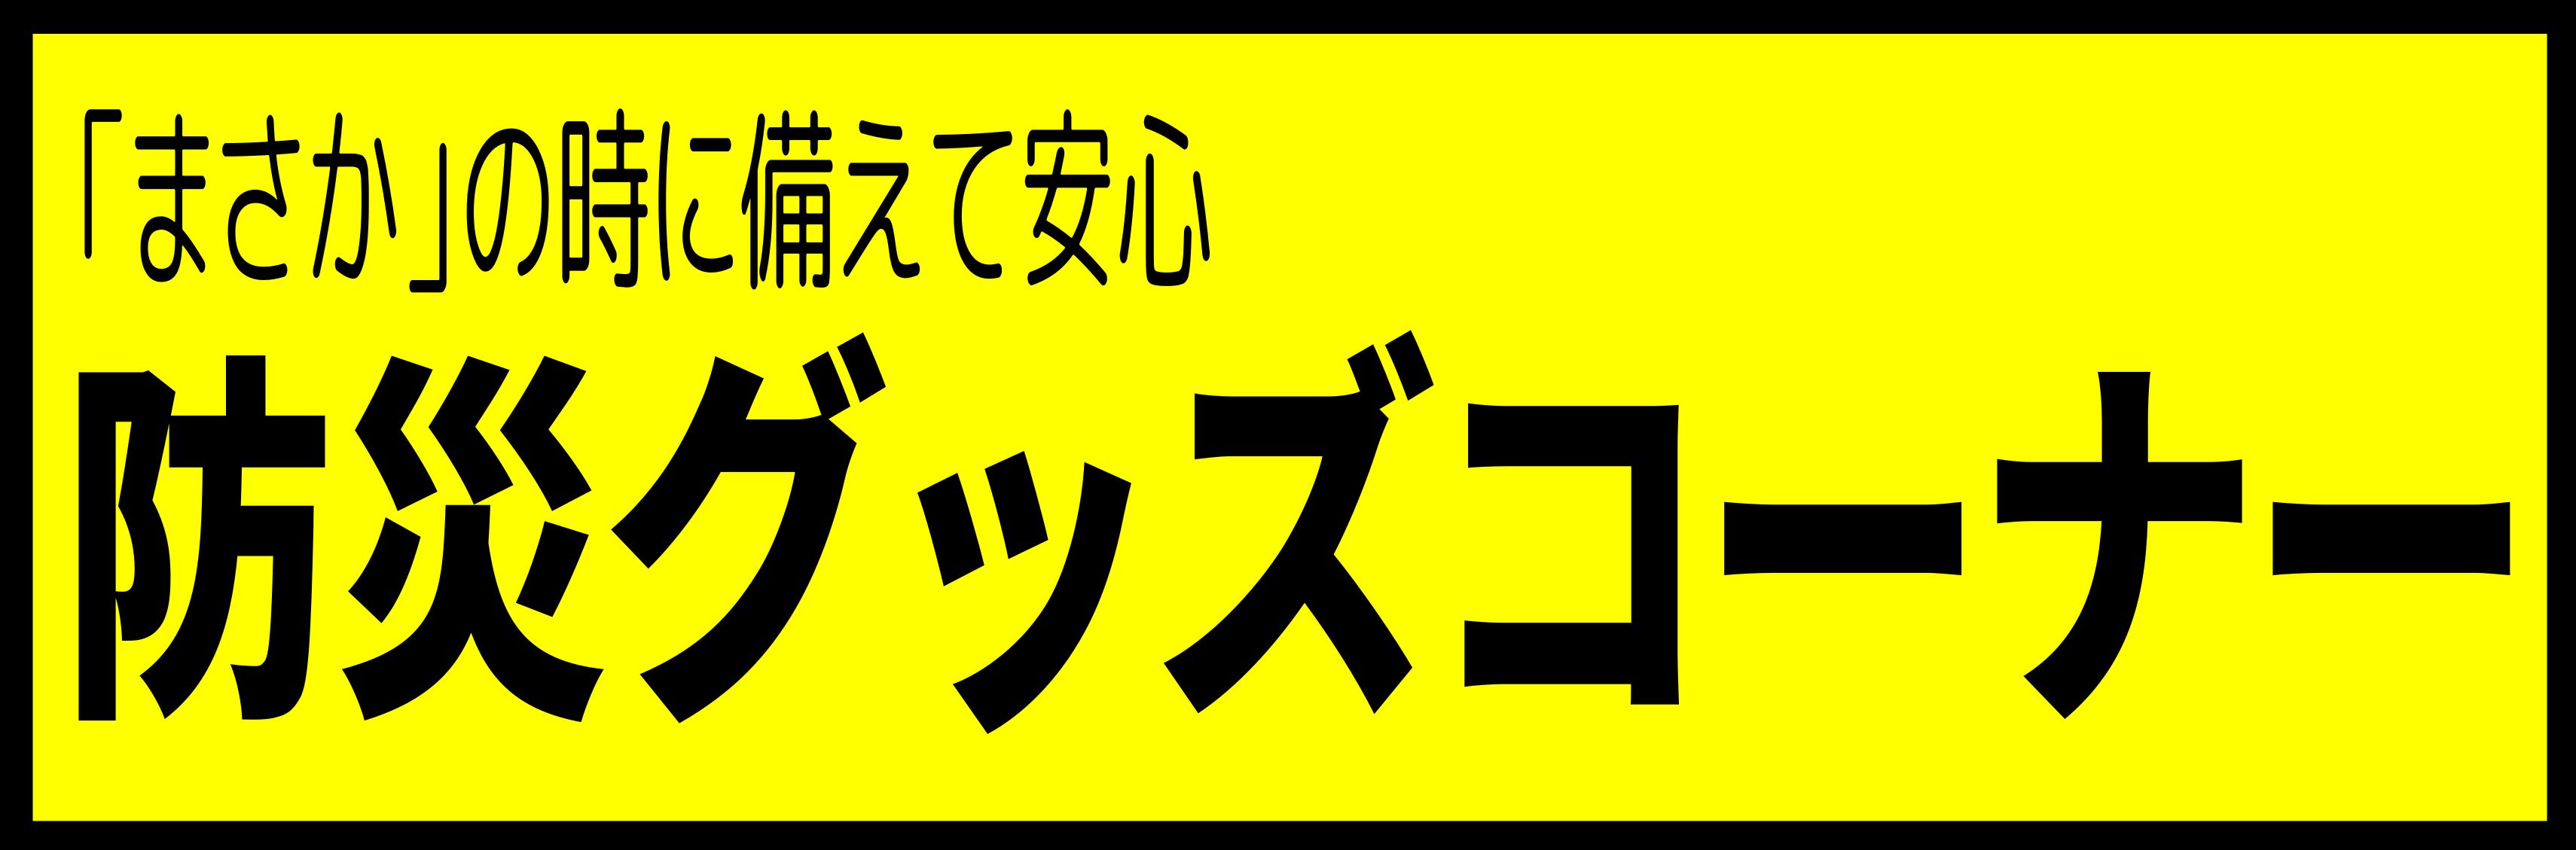 防災コーナーバナー